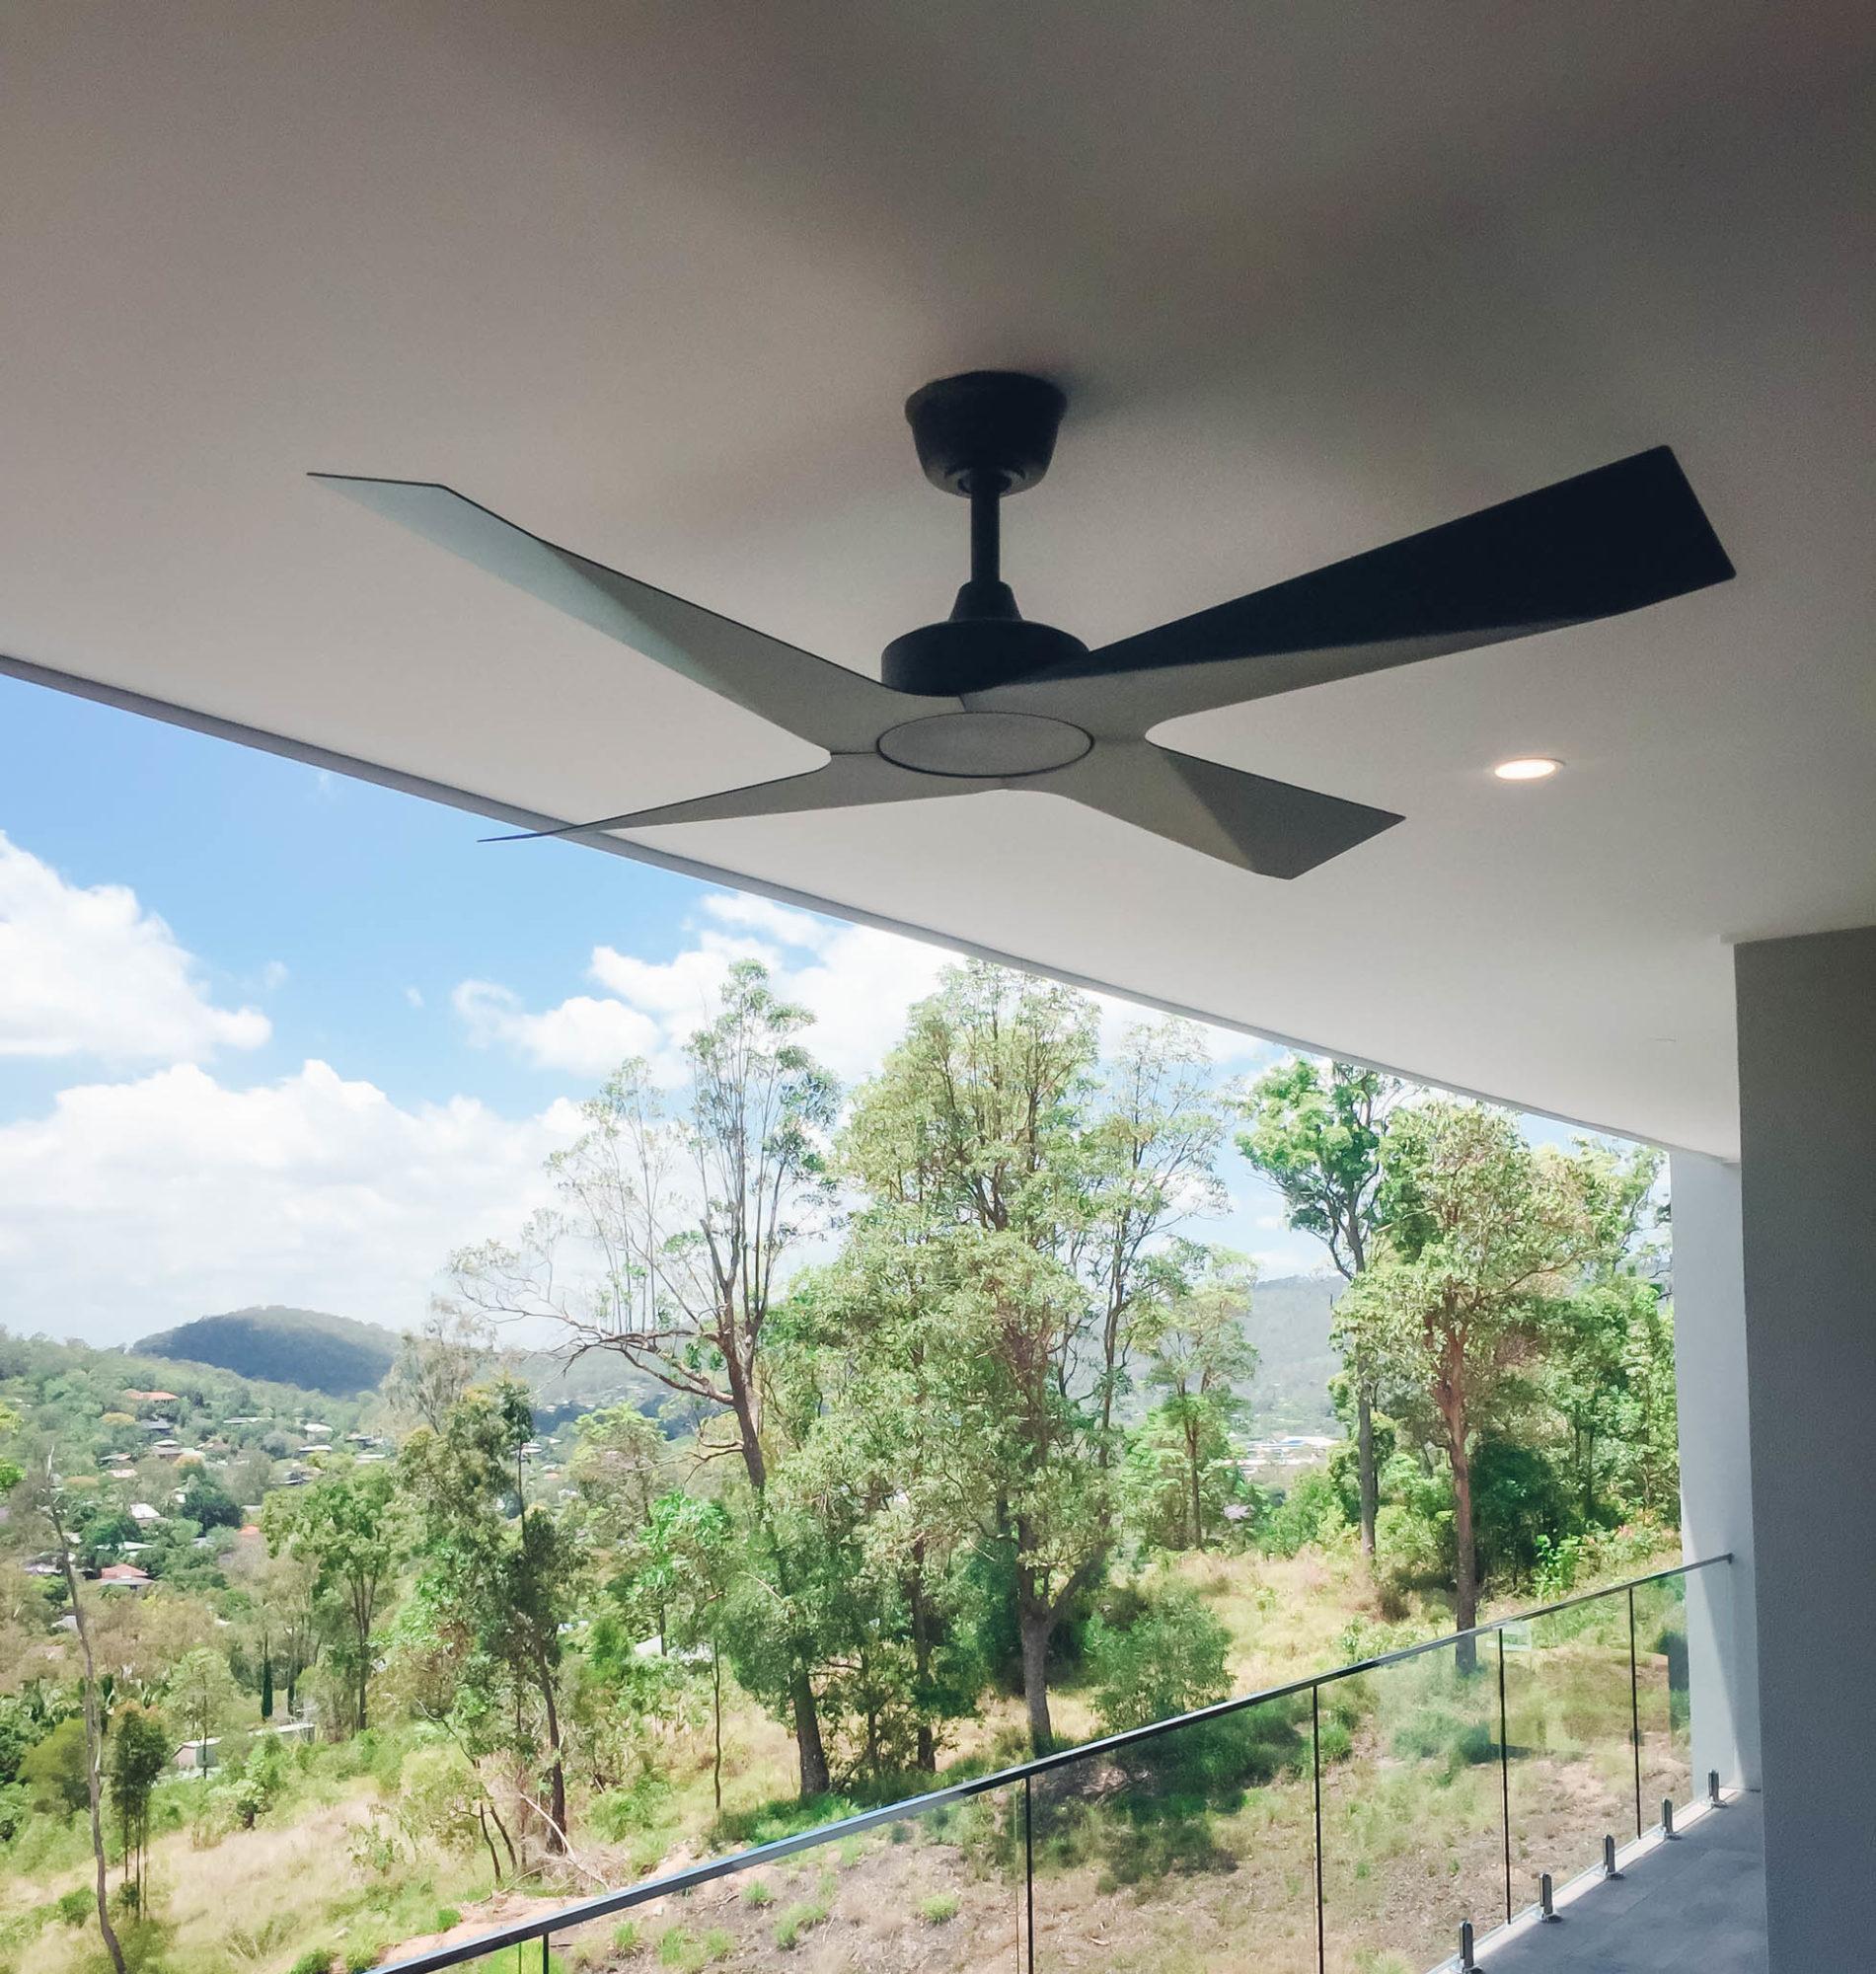 Modn 4 Ceiling Fan 7